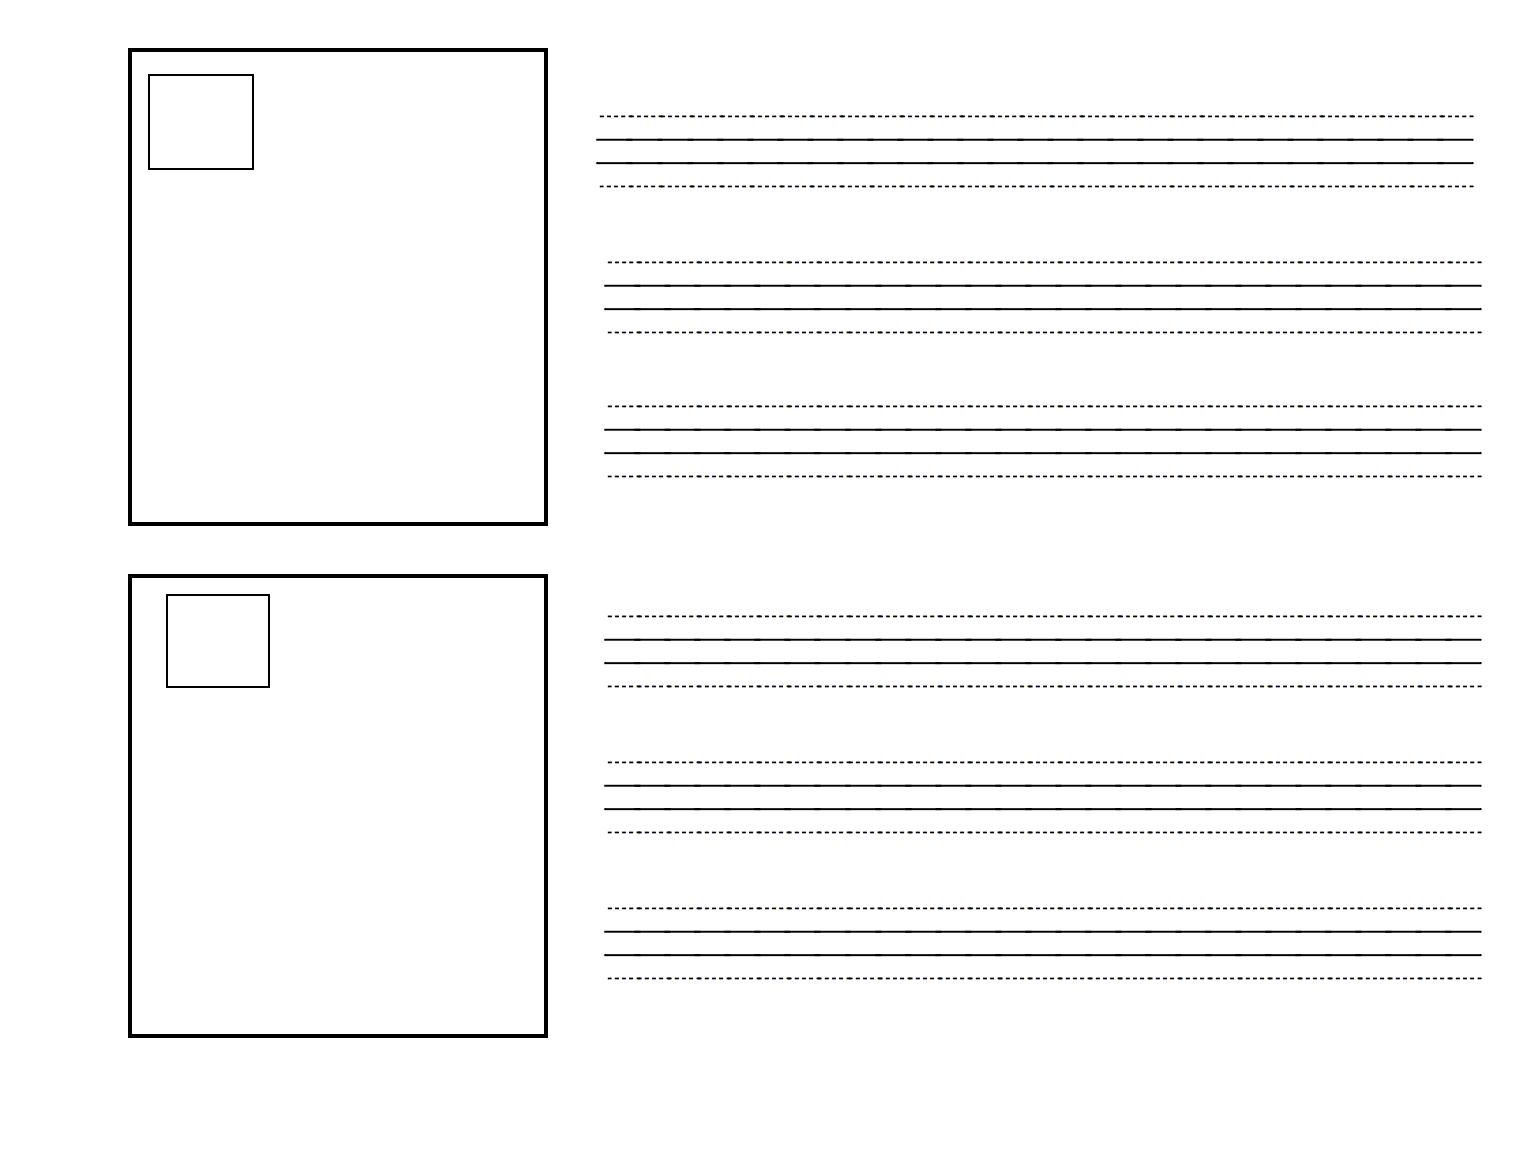 Fichiers Word Ou Pdf: Des Gabarits De Feuilles Pour Écrire encequiconcerne Feuille Lignée A Imprimer